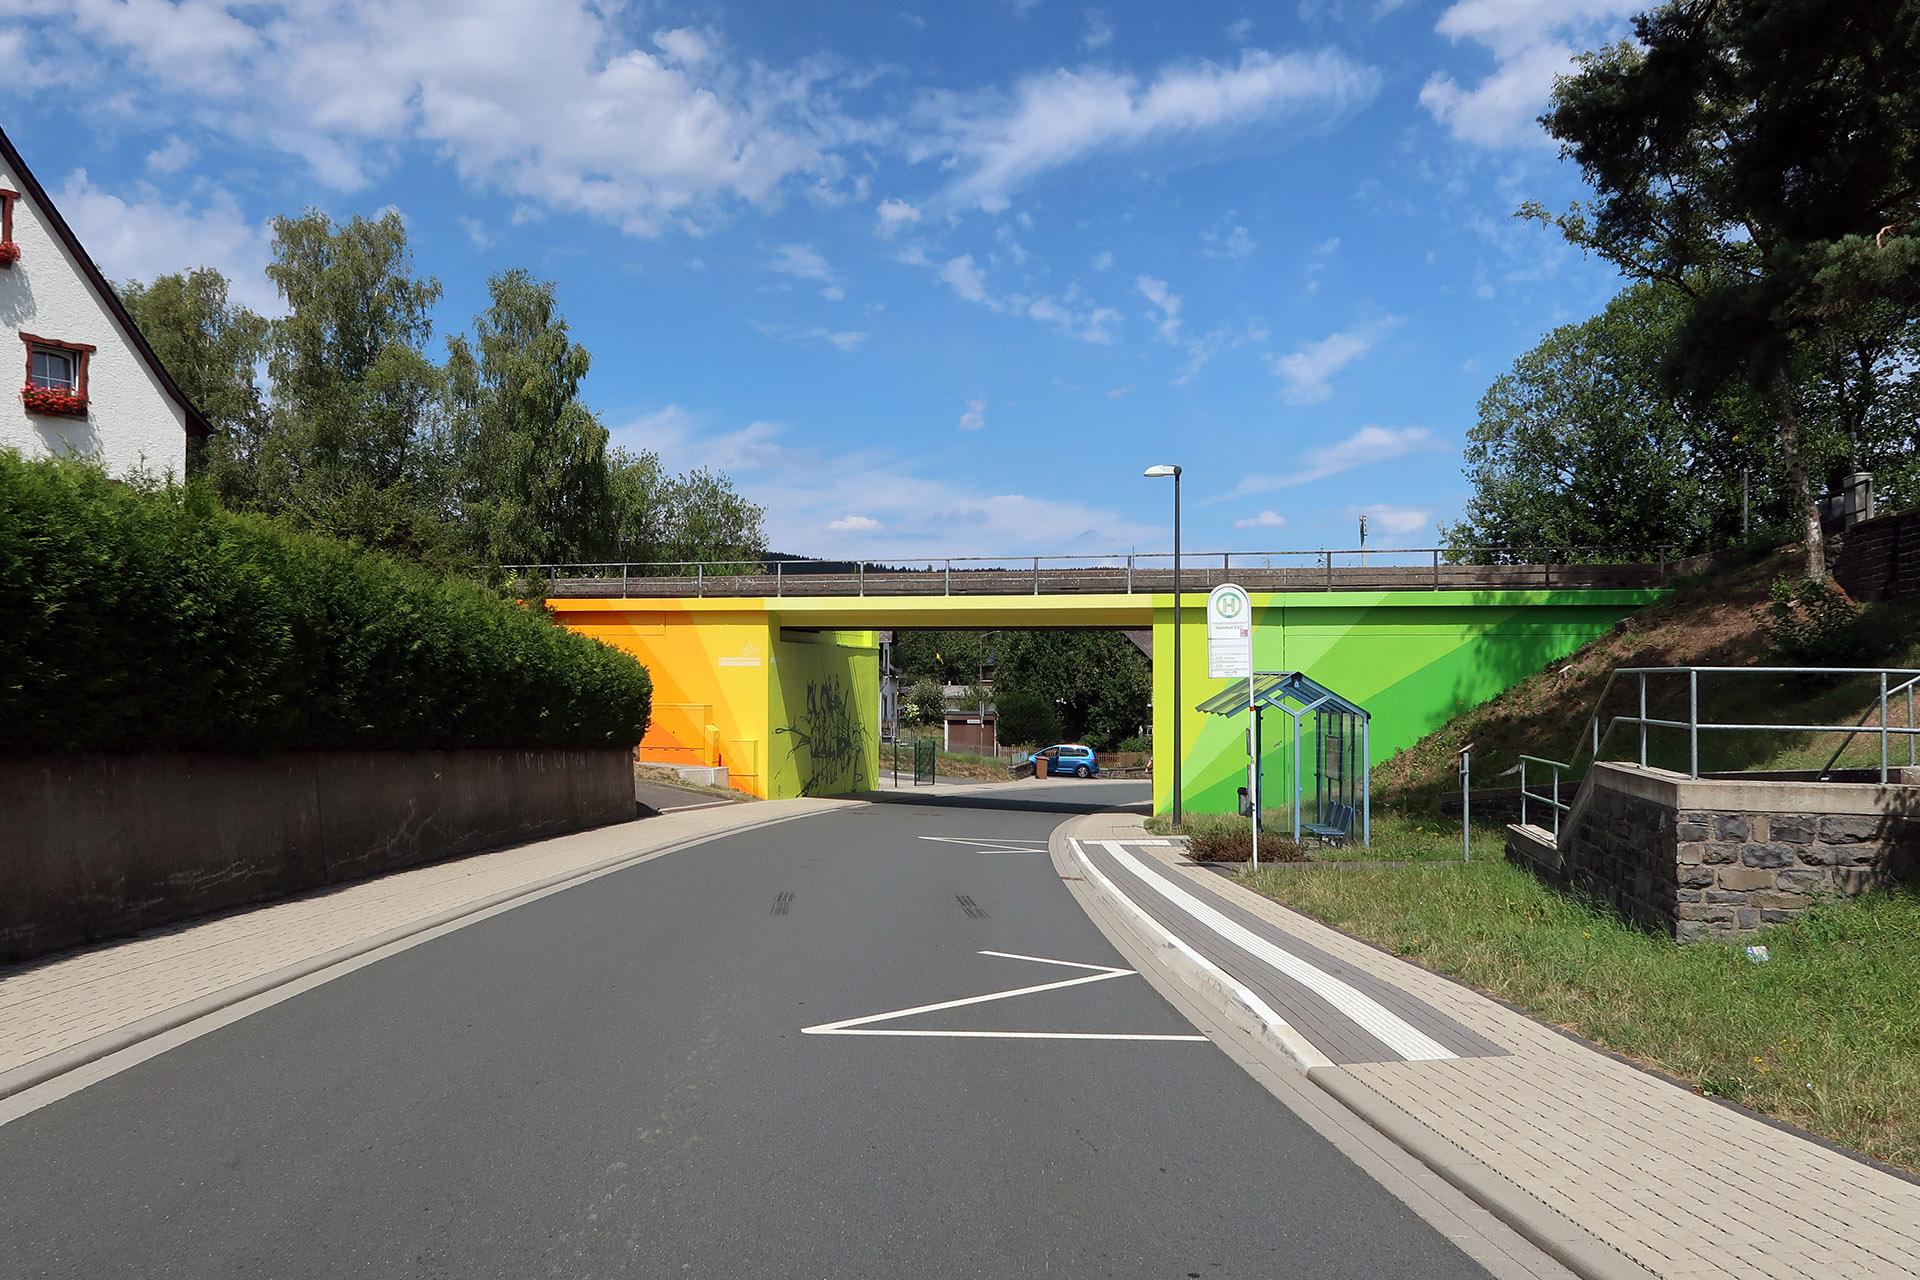 Brückengestaltung, Graffiti, Brücke, Design, Burbach, Siegen, Bennet Grüttner, Motiv, Sprayen, Auckz, Unterführung